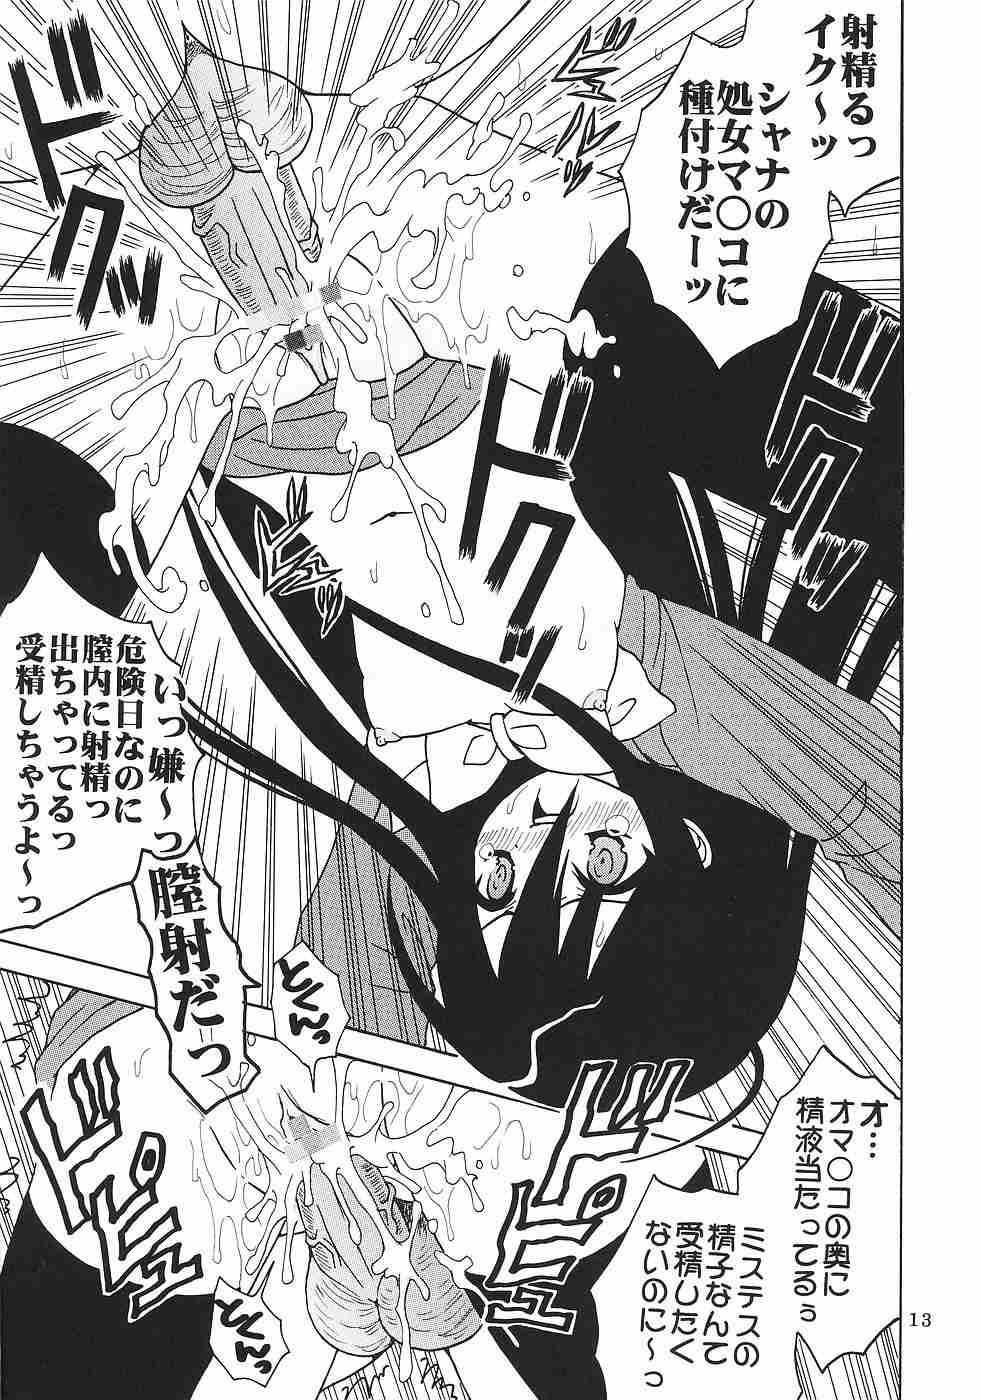 Shakume No Mai Otsukamichu 2 13